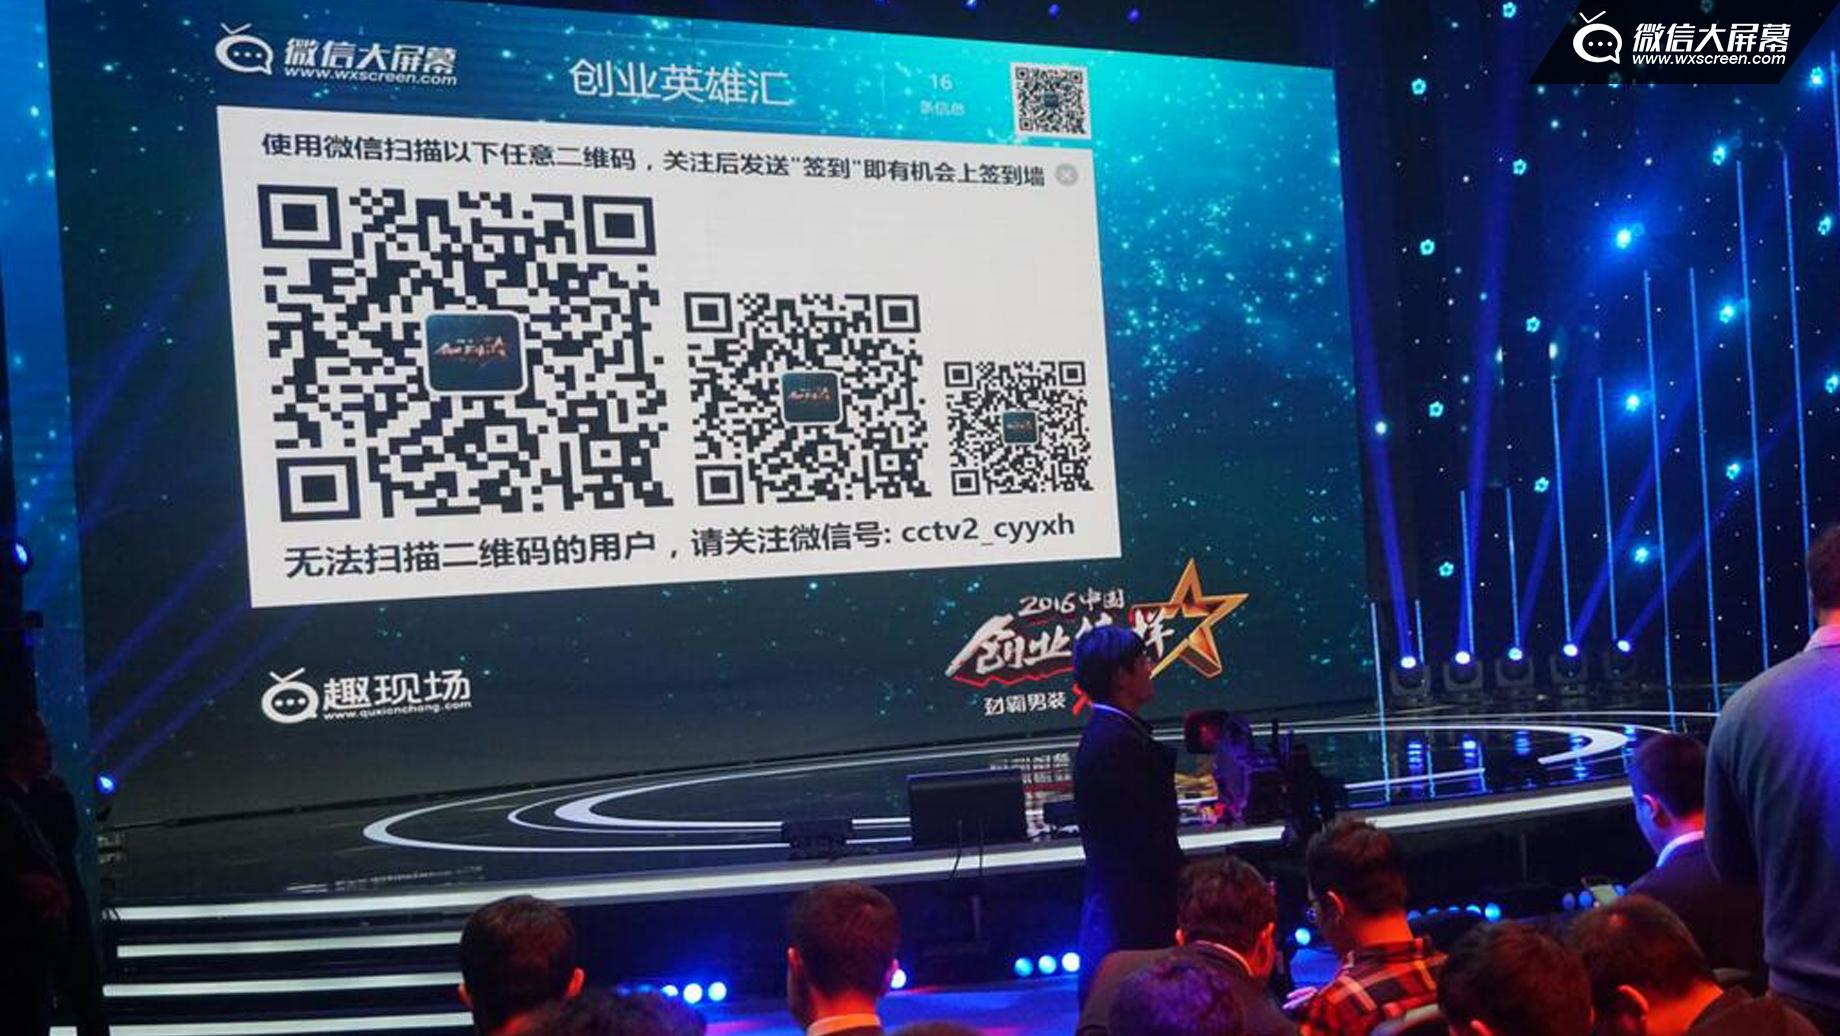 CCTV2中国创业榜样揭晓,趣现场助力现场签到,投票互动新玩法